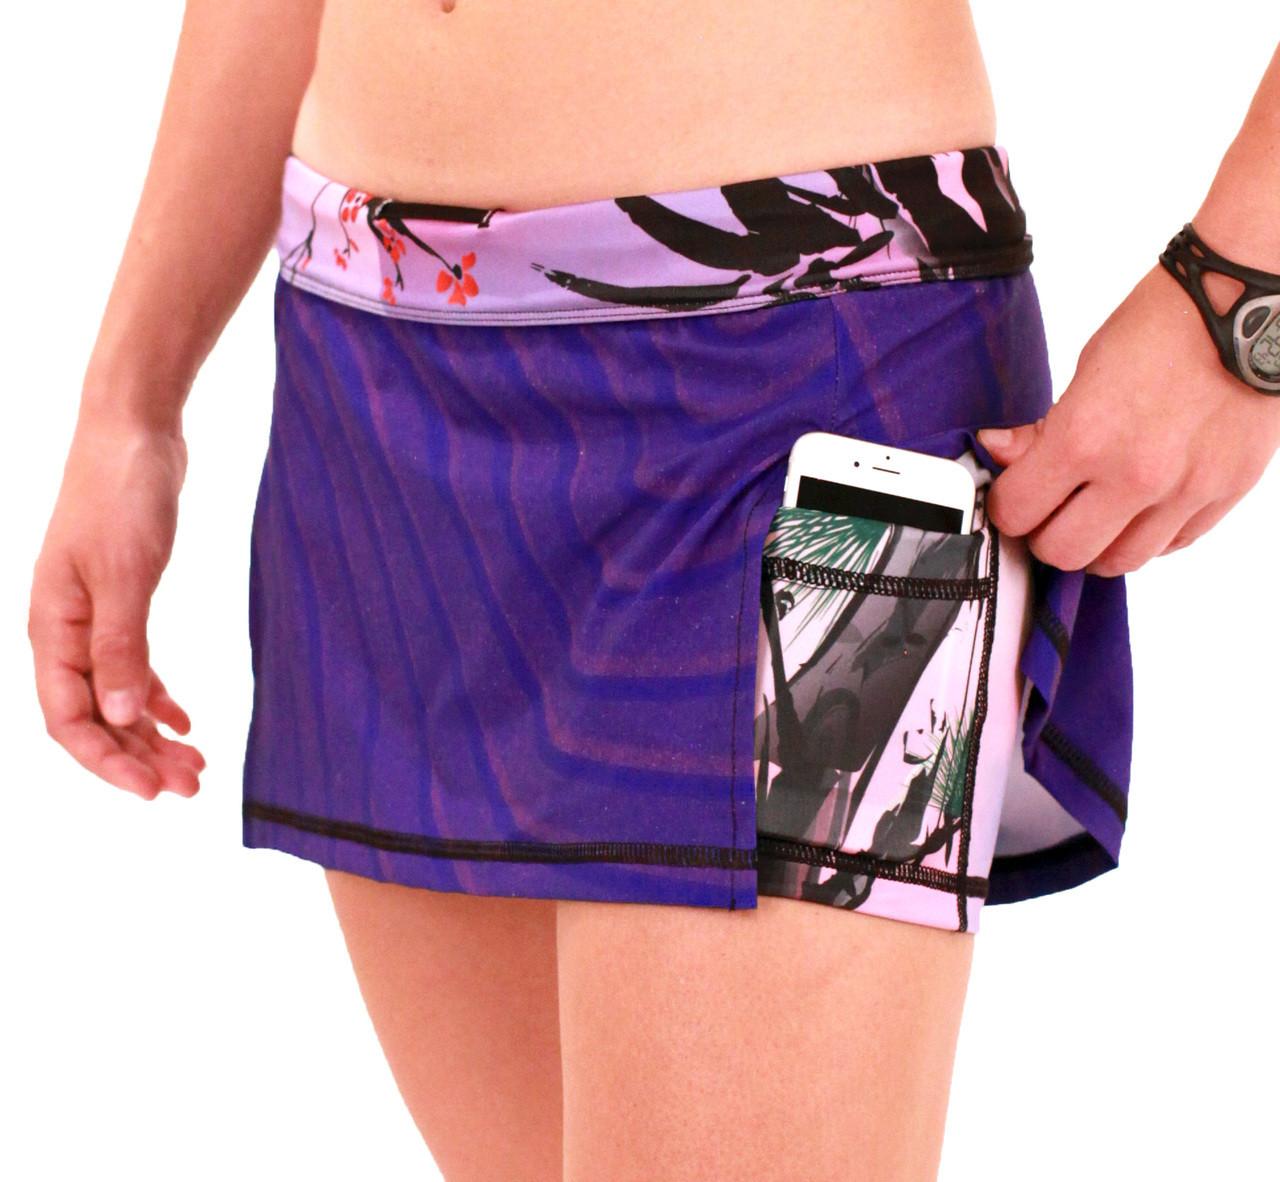 INKnBURN Women's Zen Sport Skirt Left Side Waistband Folded Down showing phone pocket